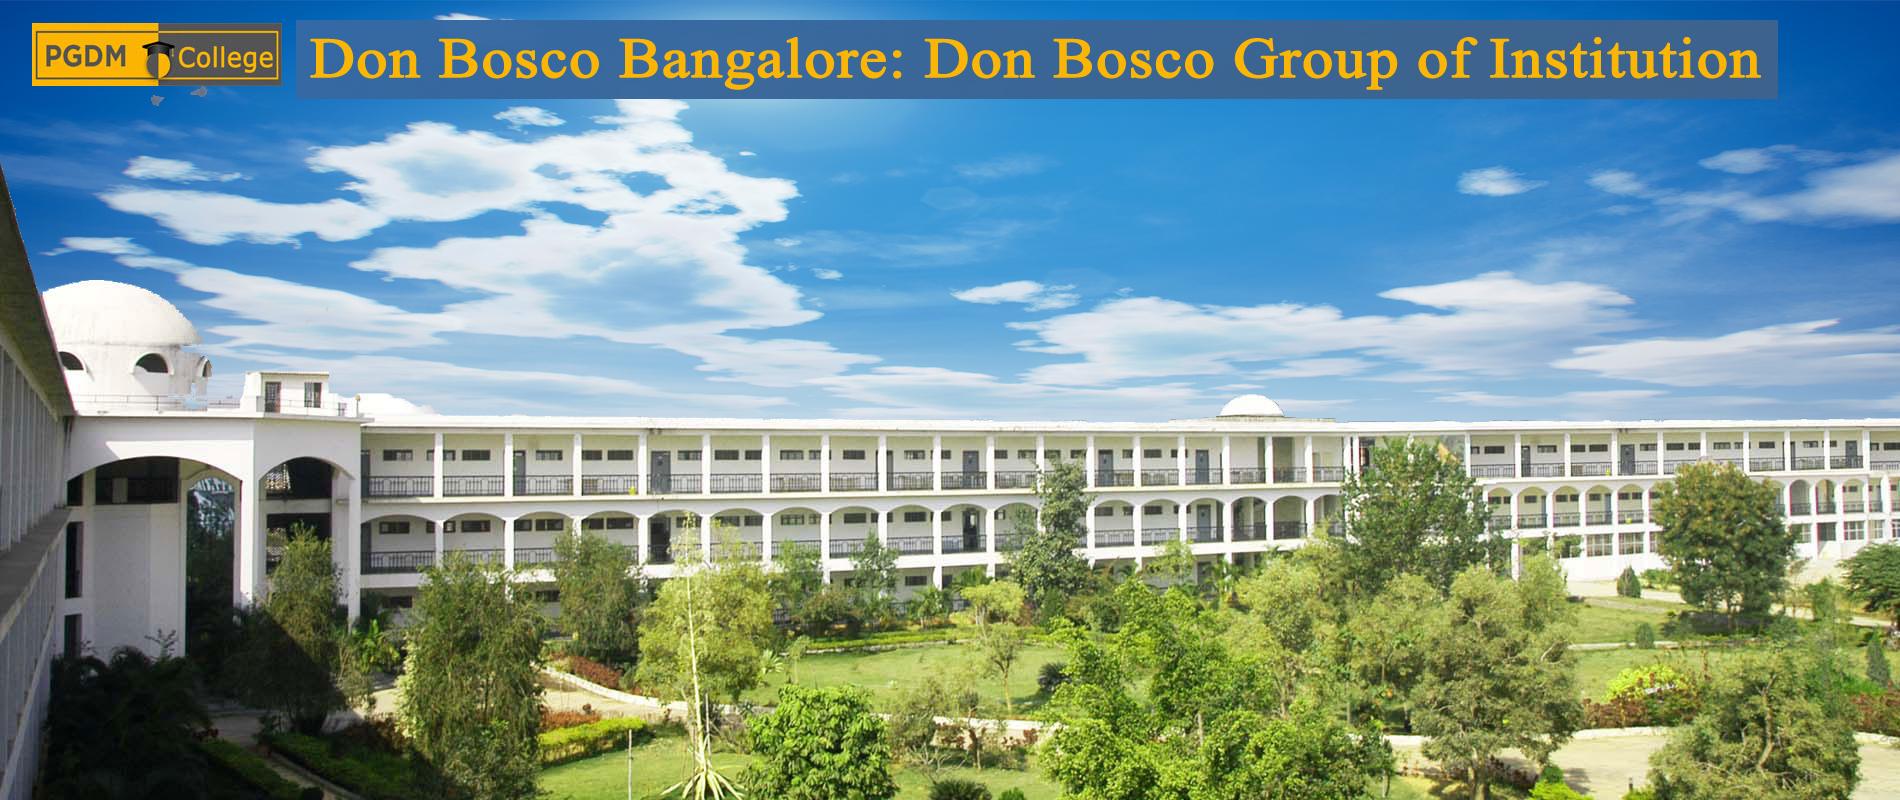 Don Bosco Bangalore College